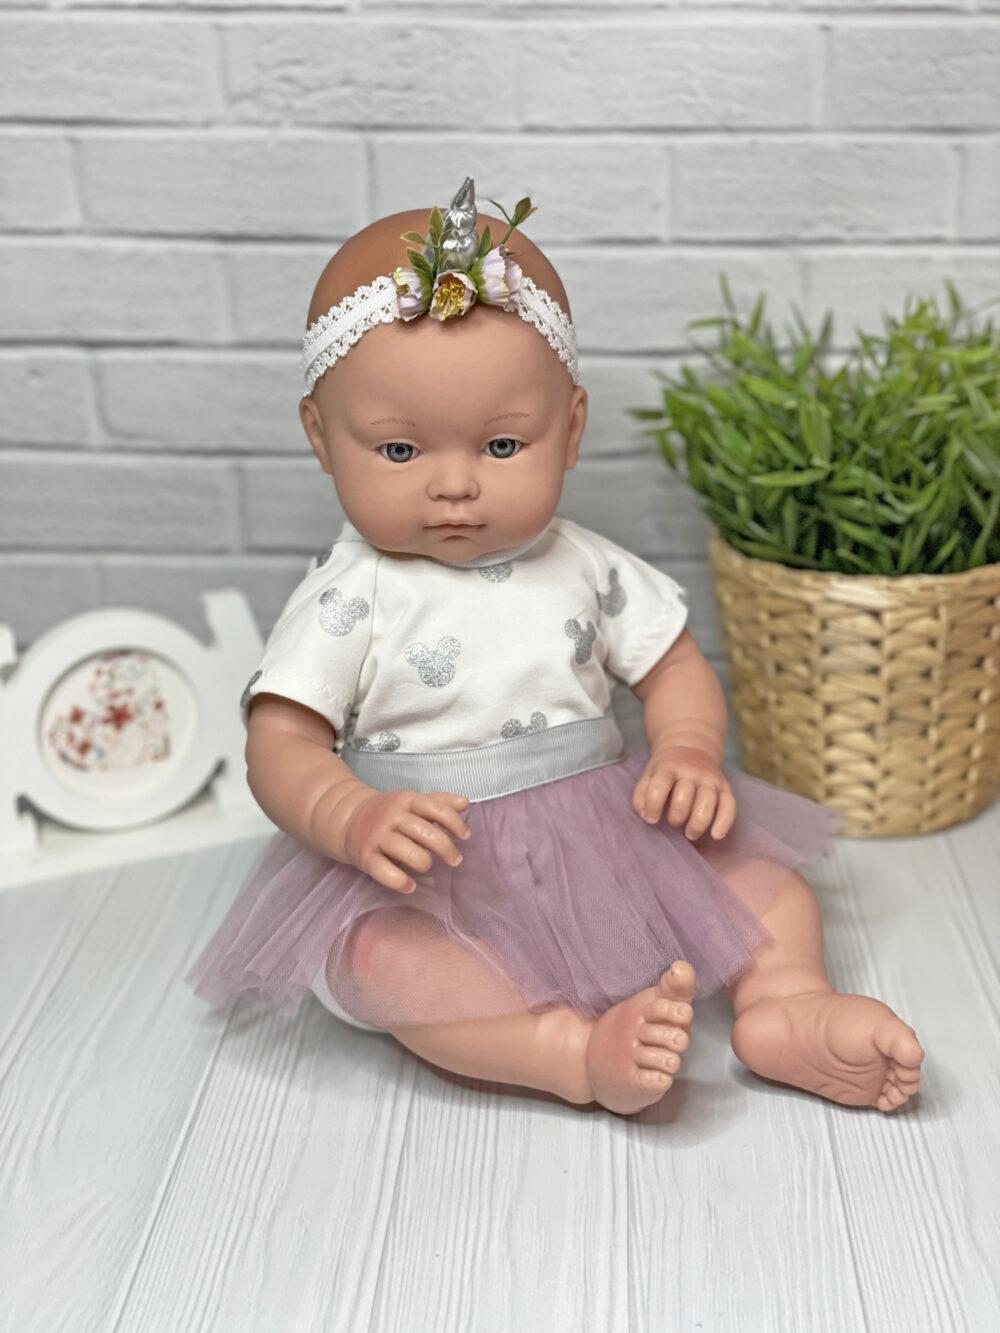 Комплект одежды на куклу 40-45 см